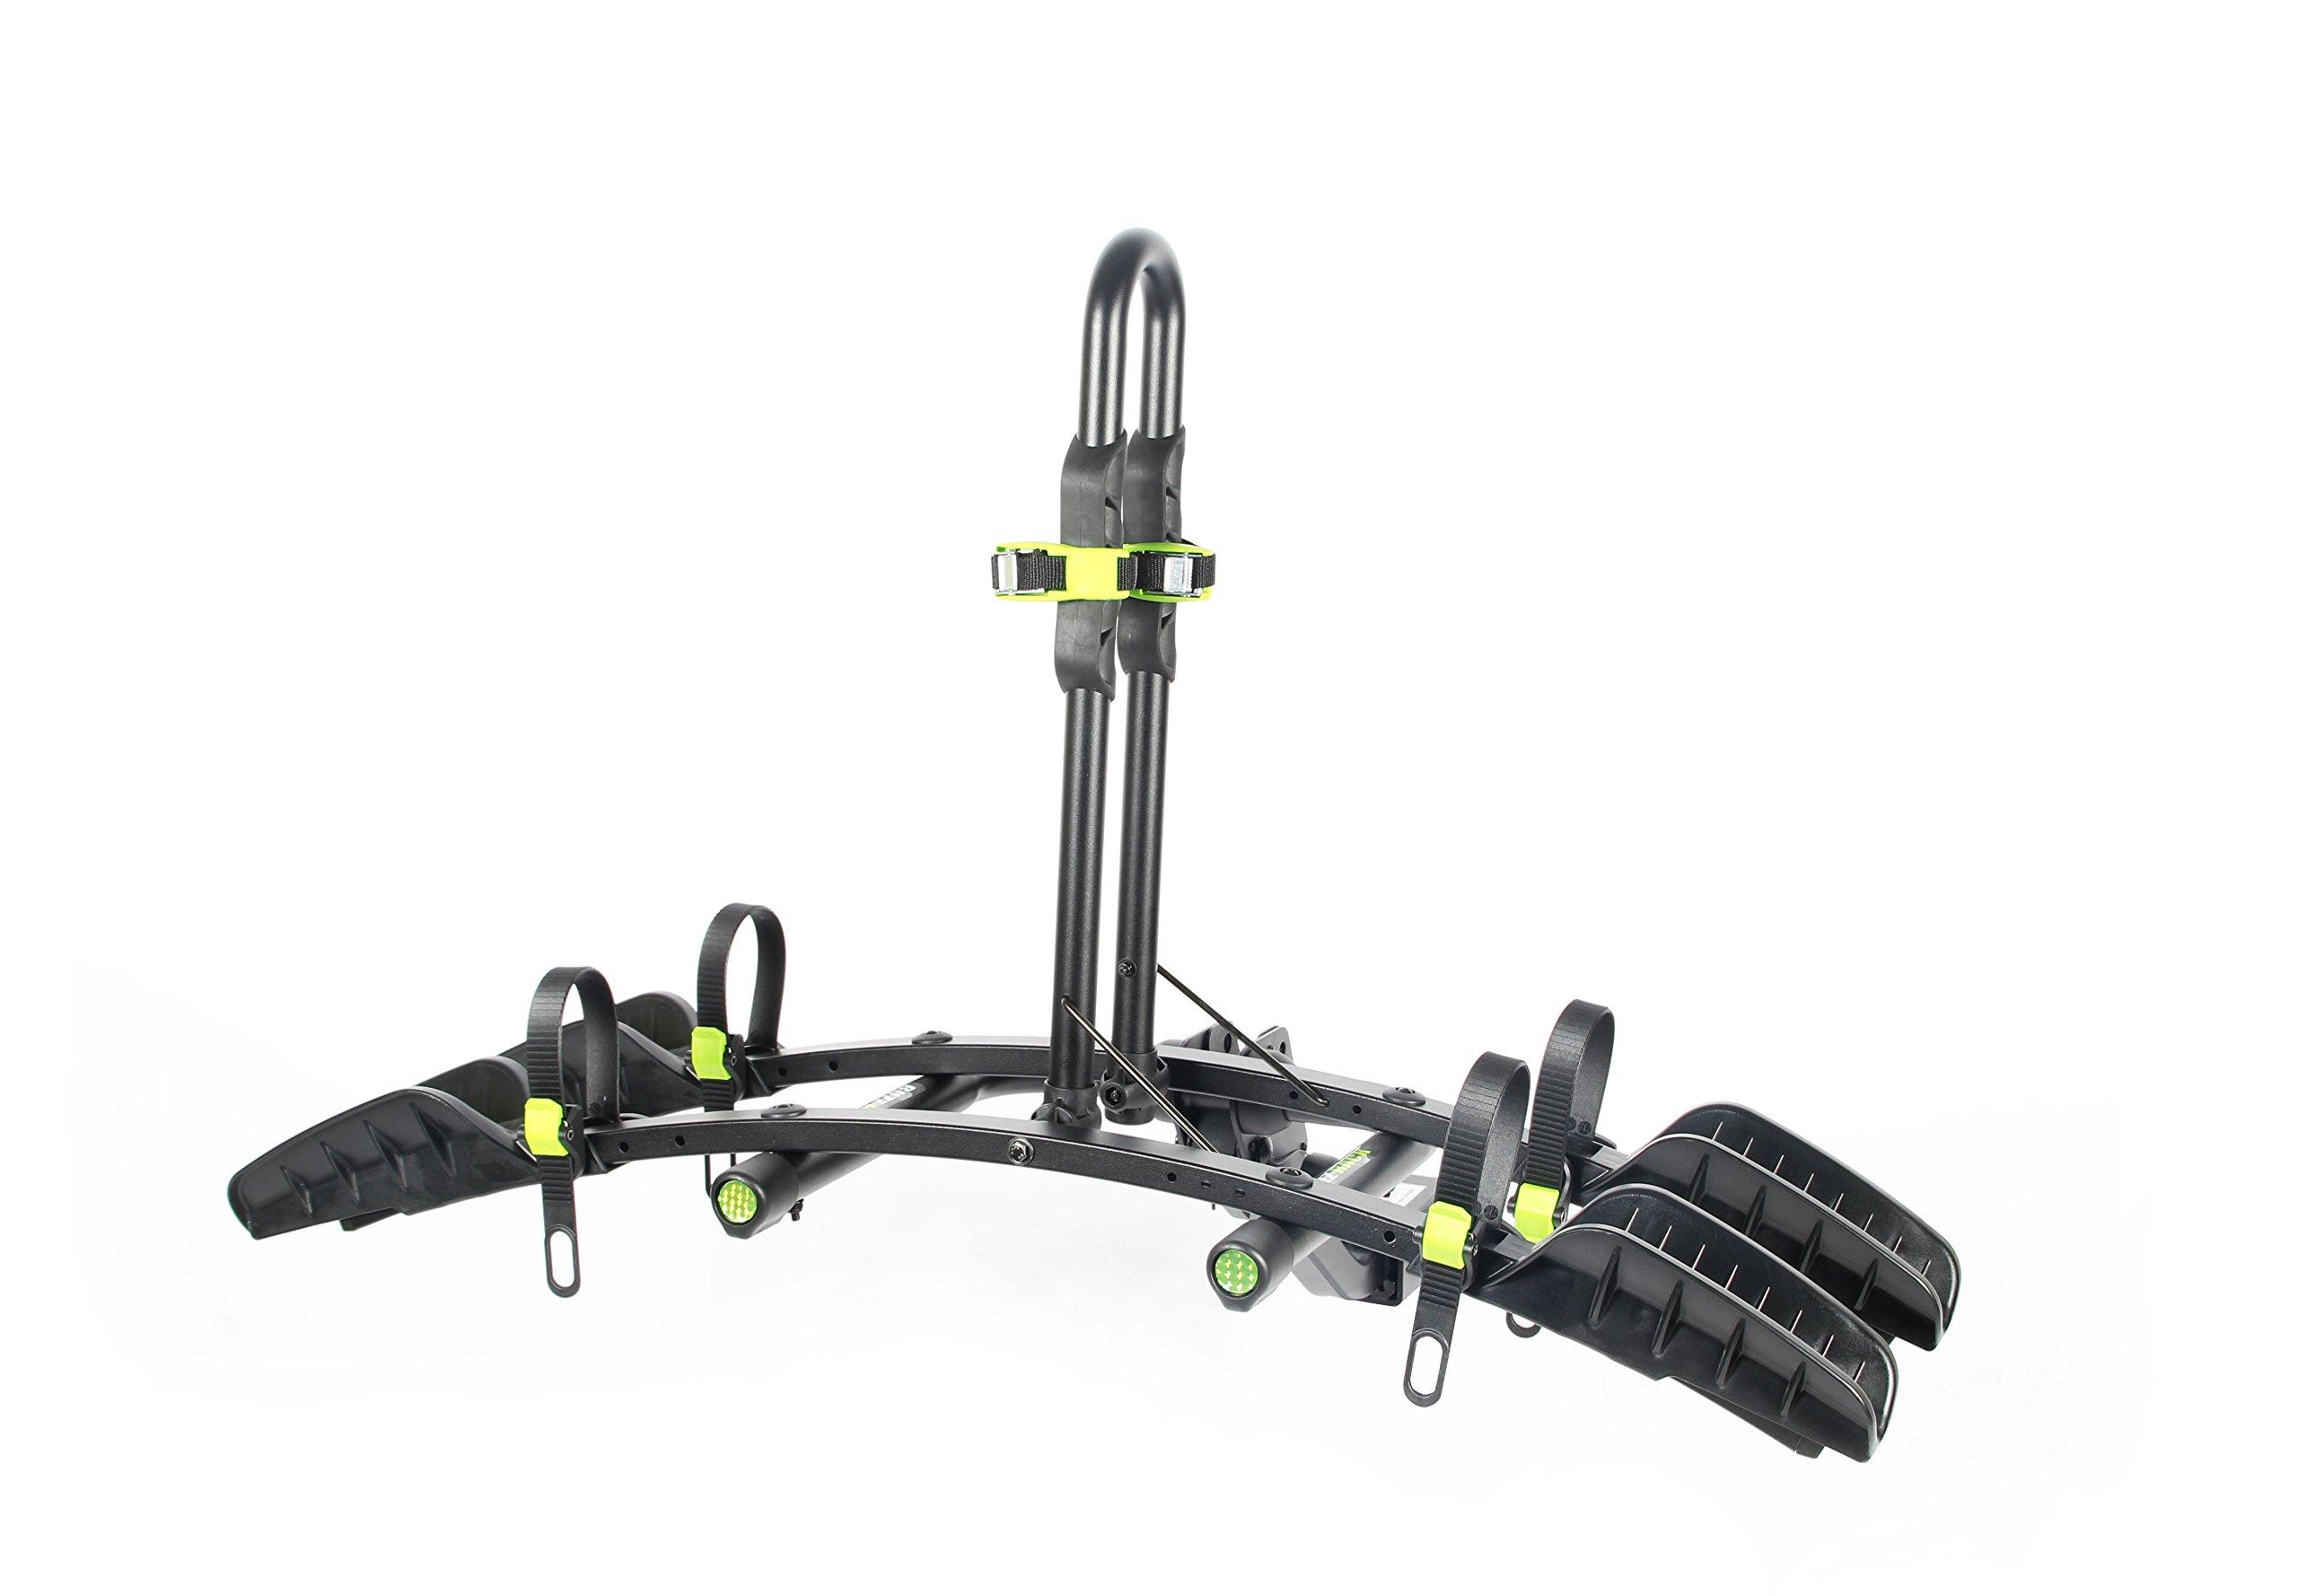 BUZZ RACK Express 2-Bike Platform Hitch Rack